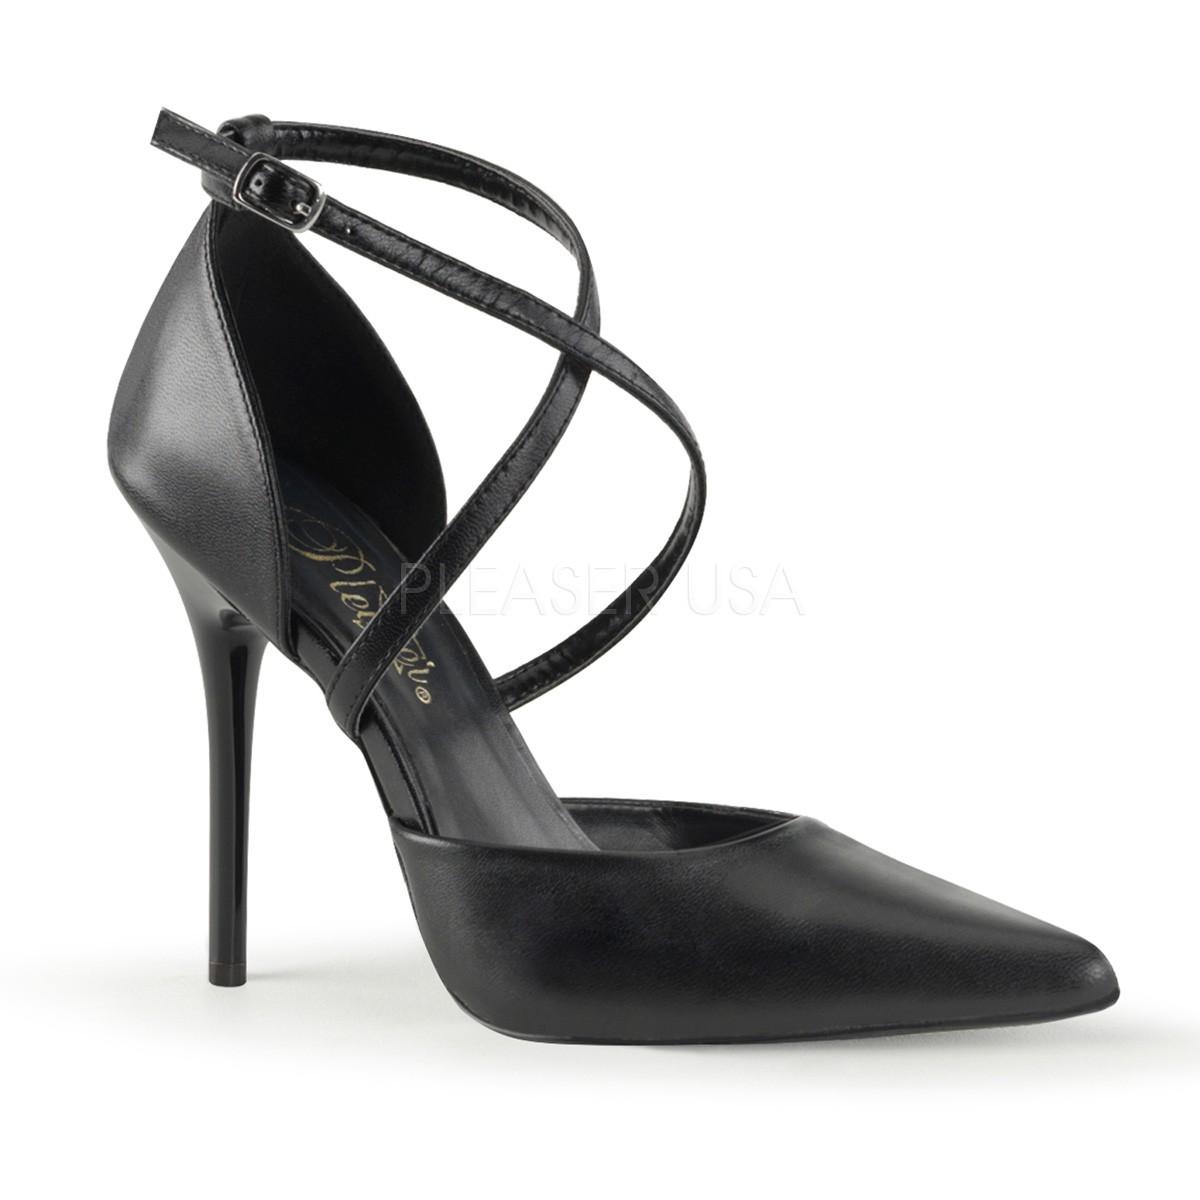 4fa80dbd146d Escarpin cuir noir haut talon aiguille de 11 cm à bride cheville et bout  pointu DISCOUNT pas cher TAILLE 40